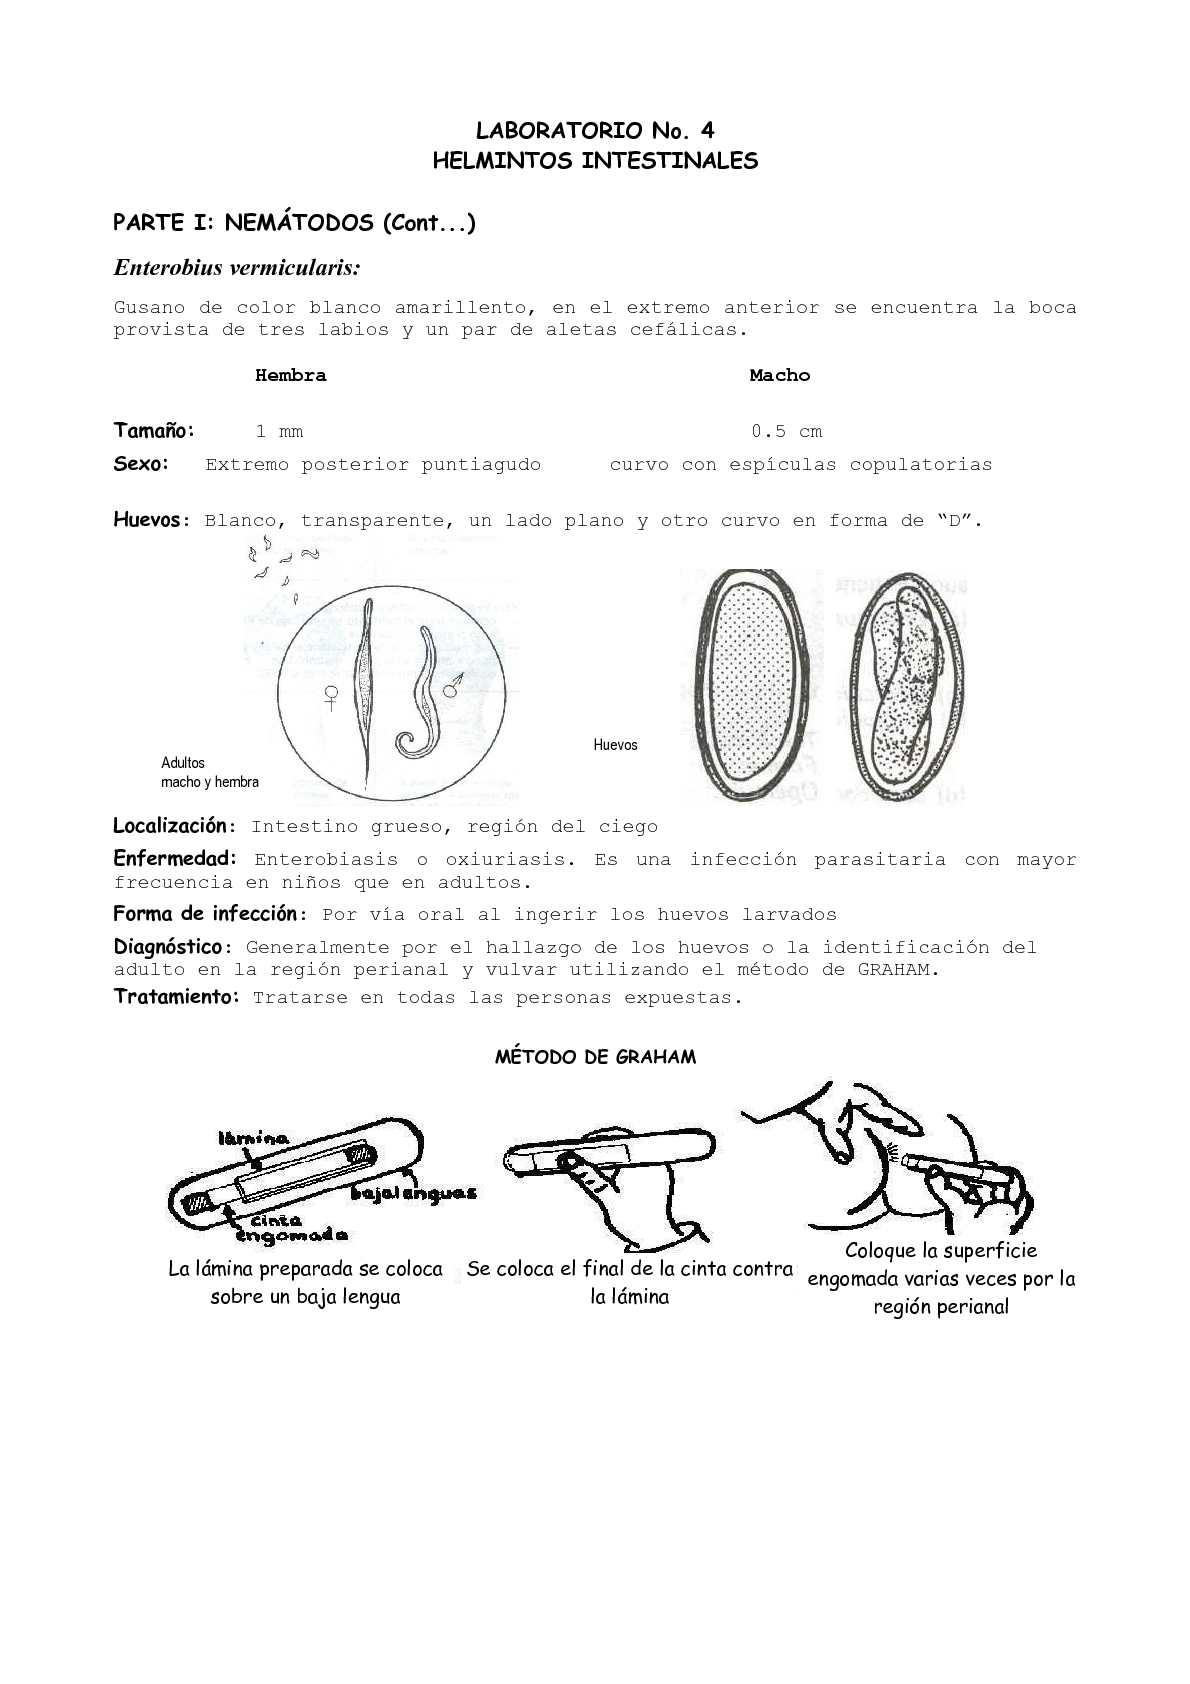 papilloma in eye papiloma na laringe